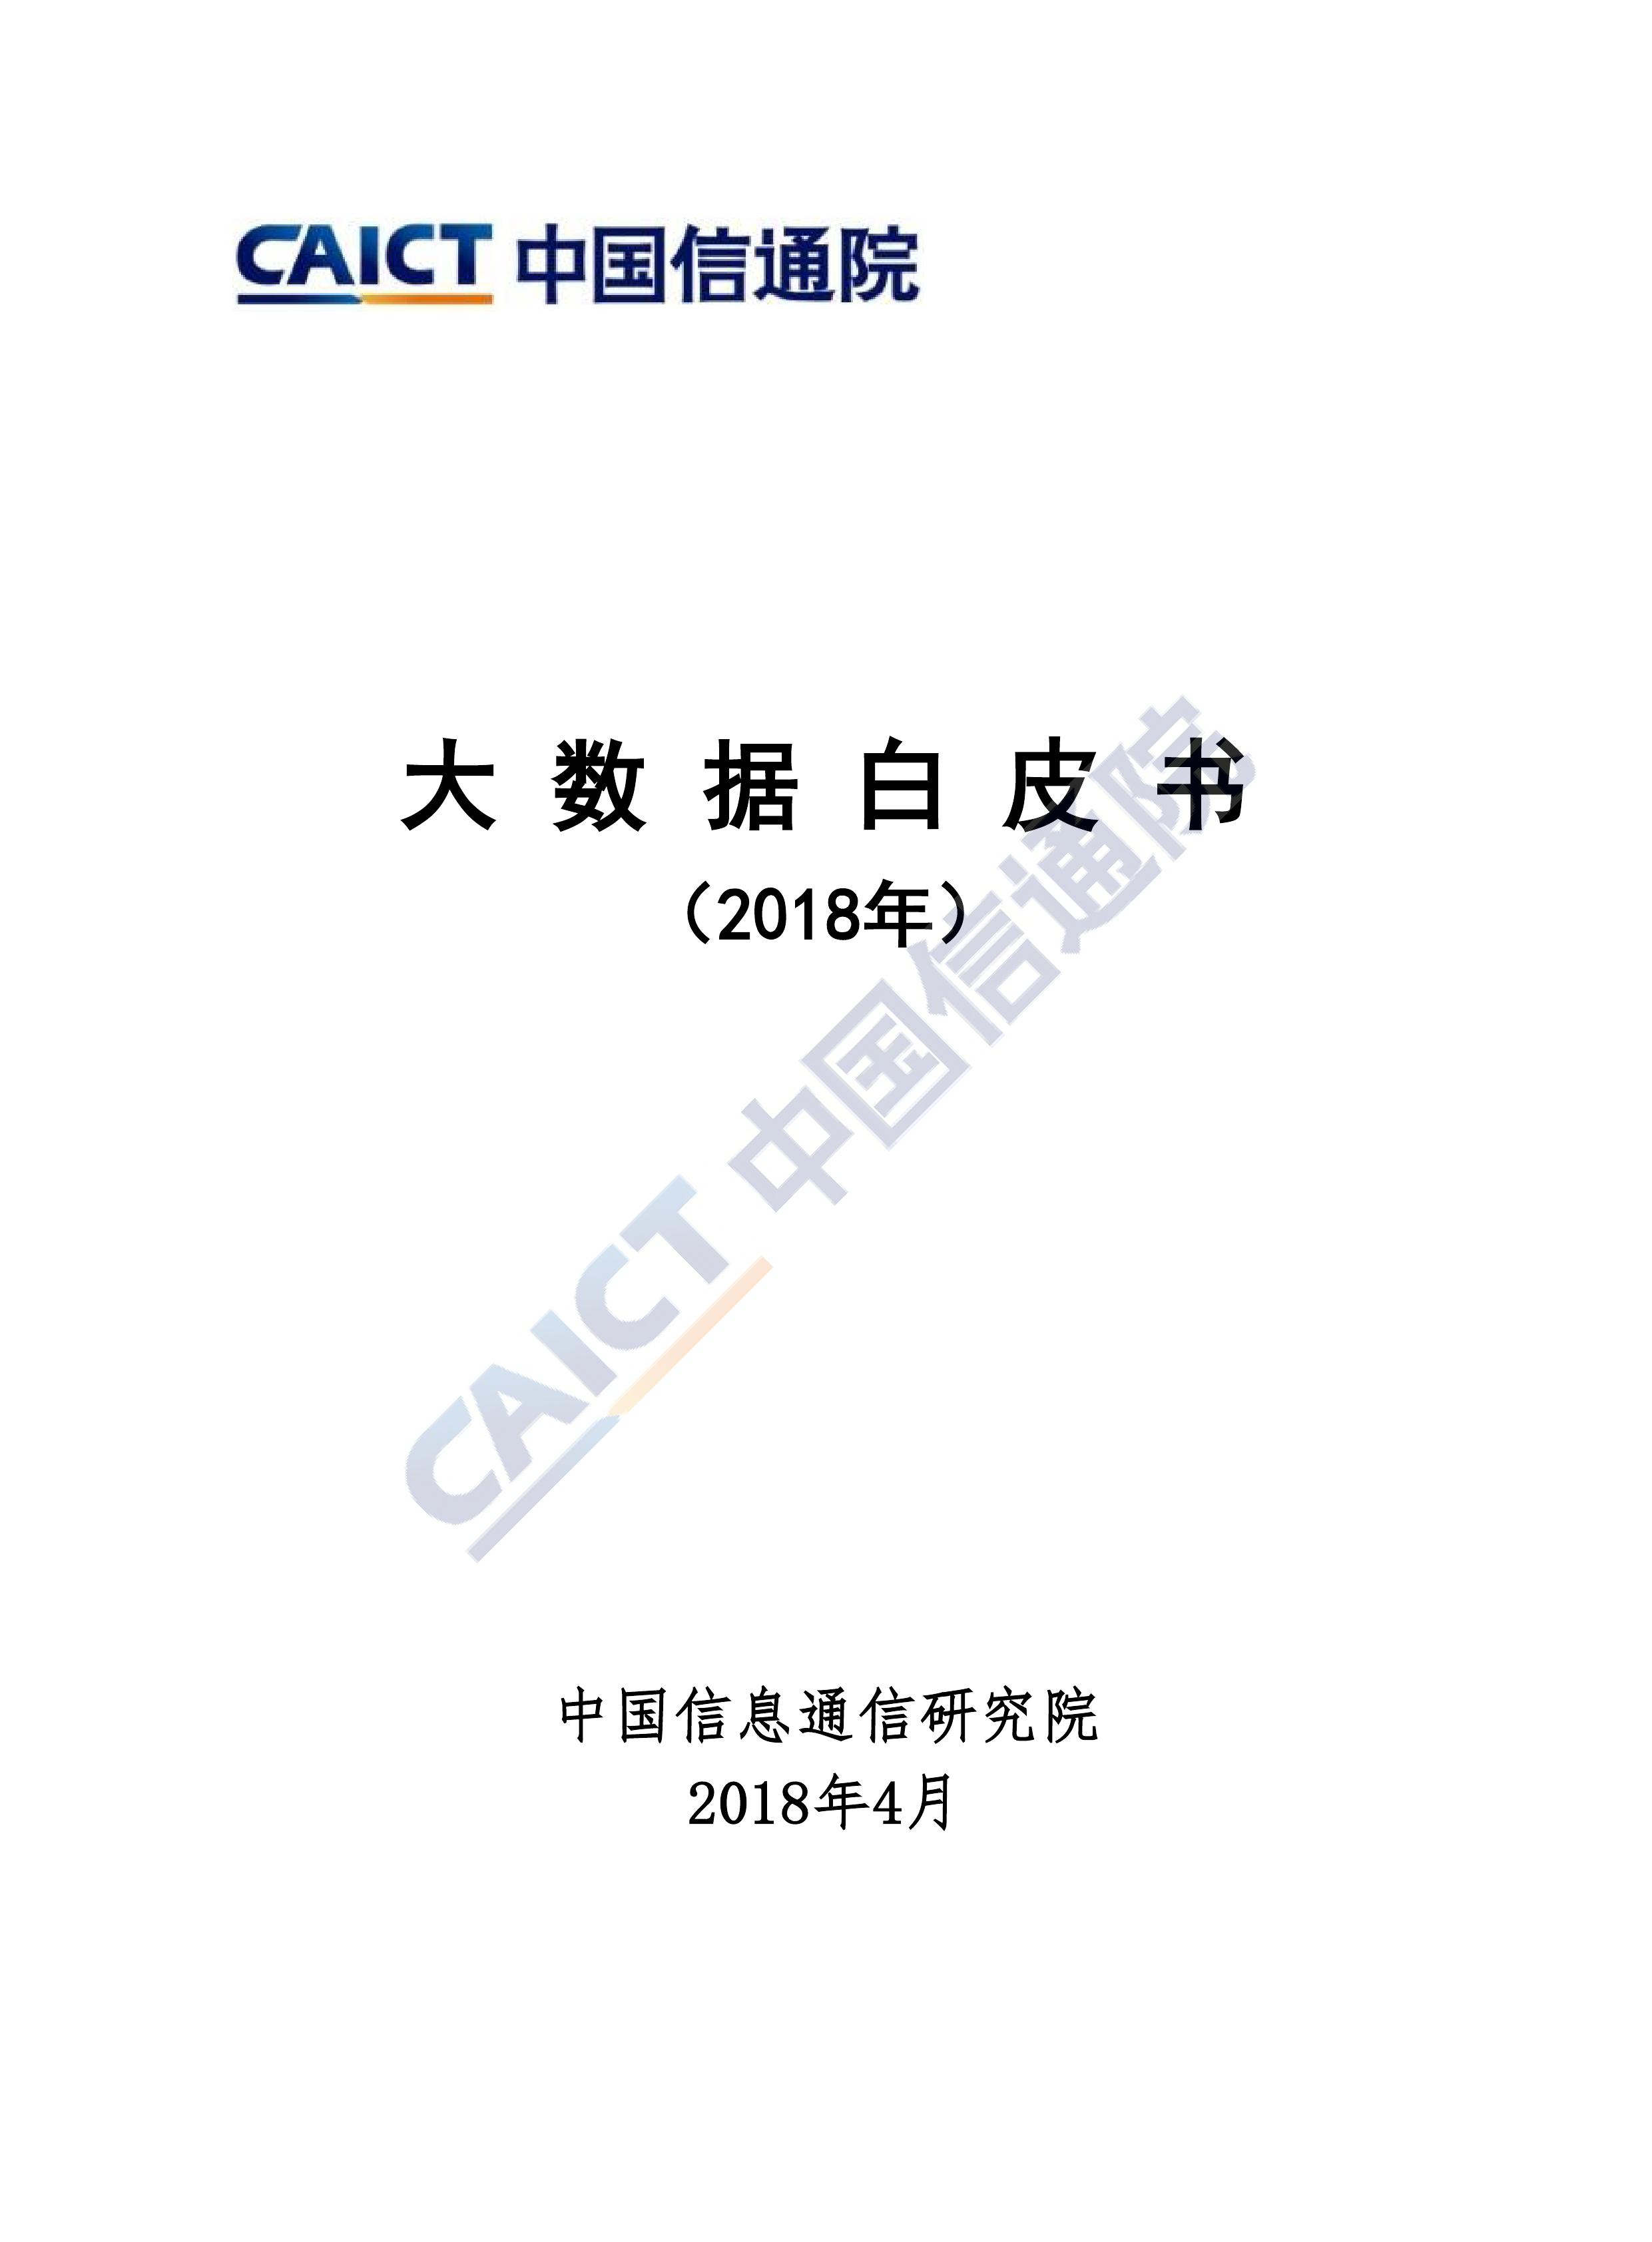 中国信通院:2018年大数据白皮书(附下载)